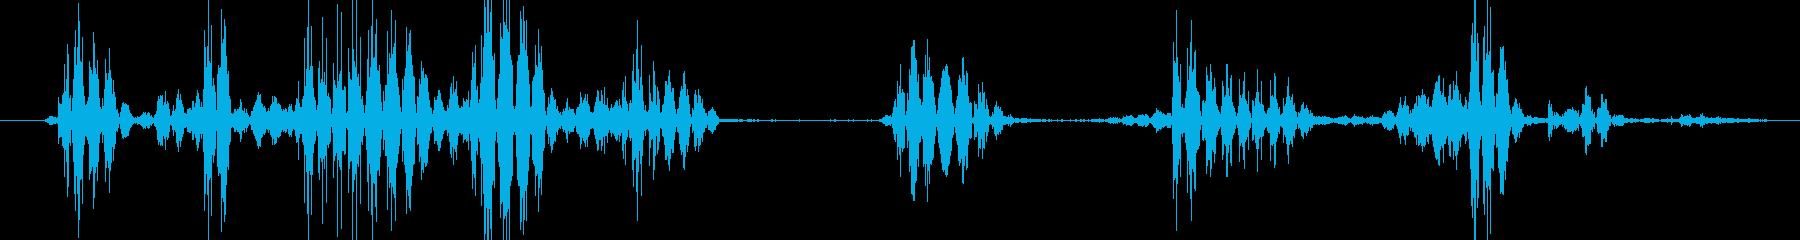 フィクション AI 男性システムス...の再生済みの波形